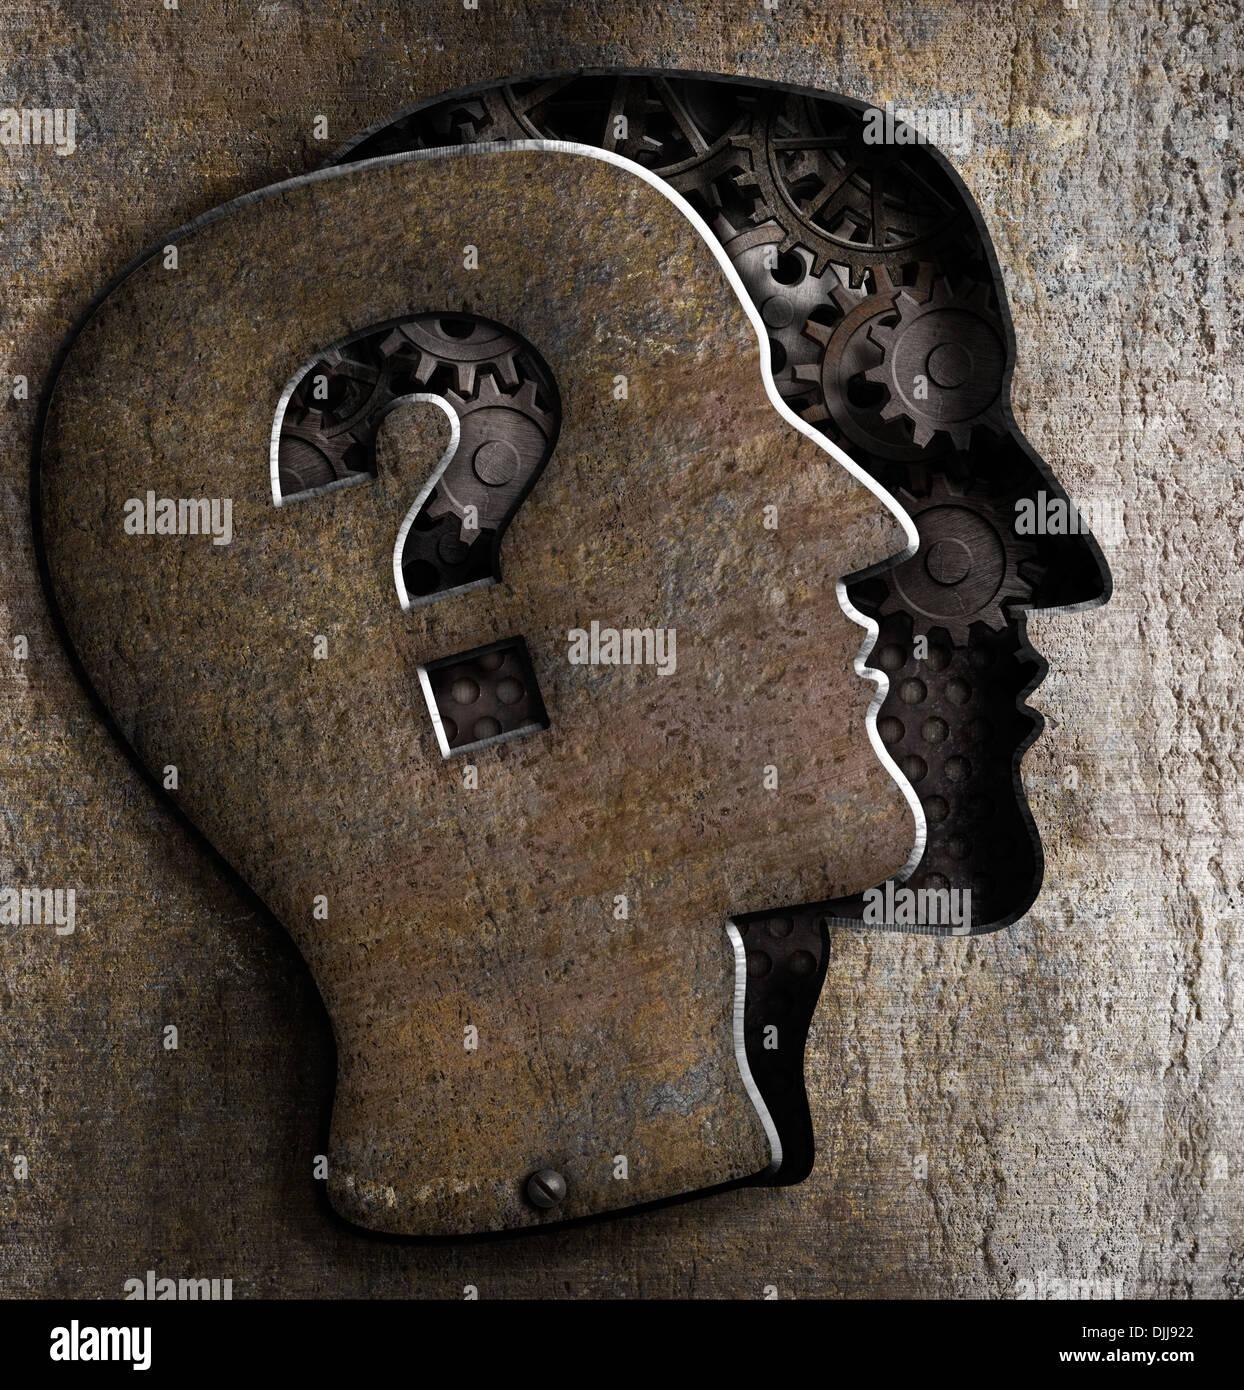 Cerebro Humano abierto con signo de interrogación sobre la tapa metálica Imagen De Stock